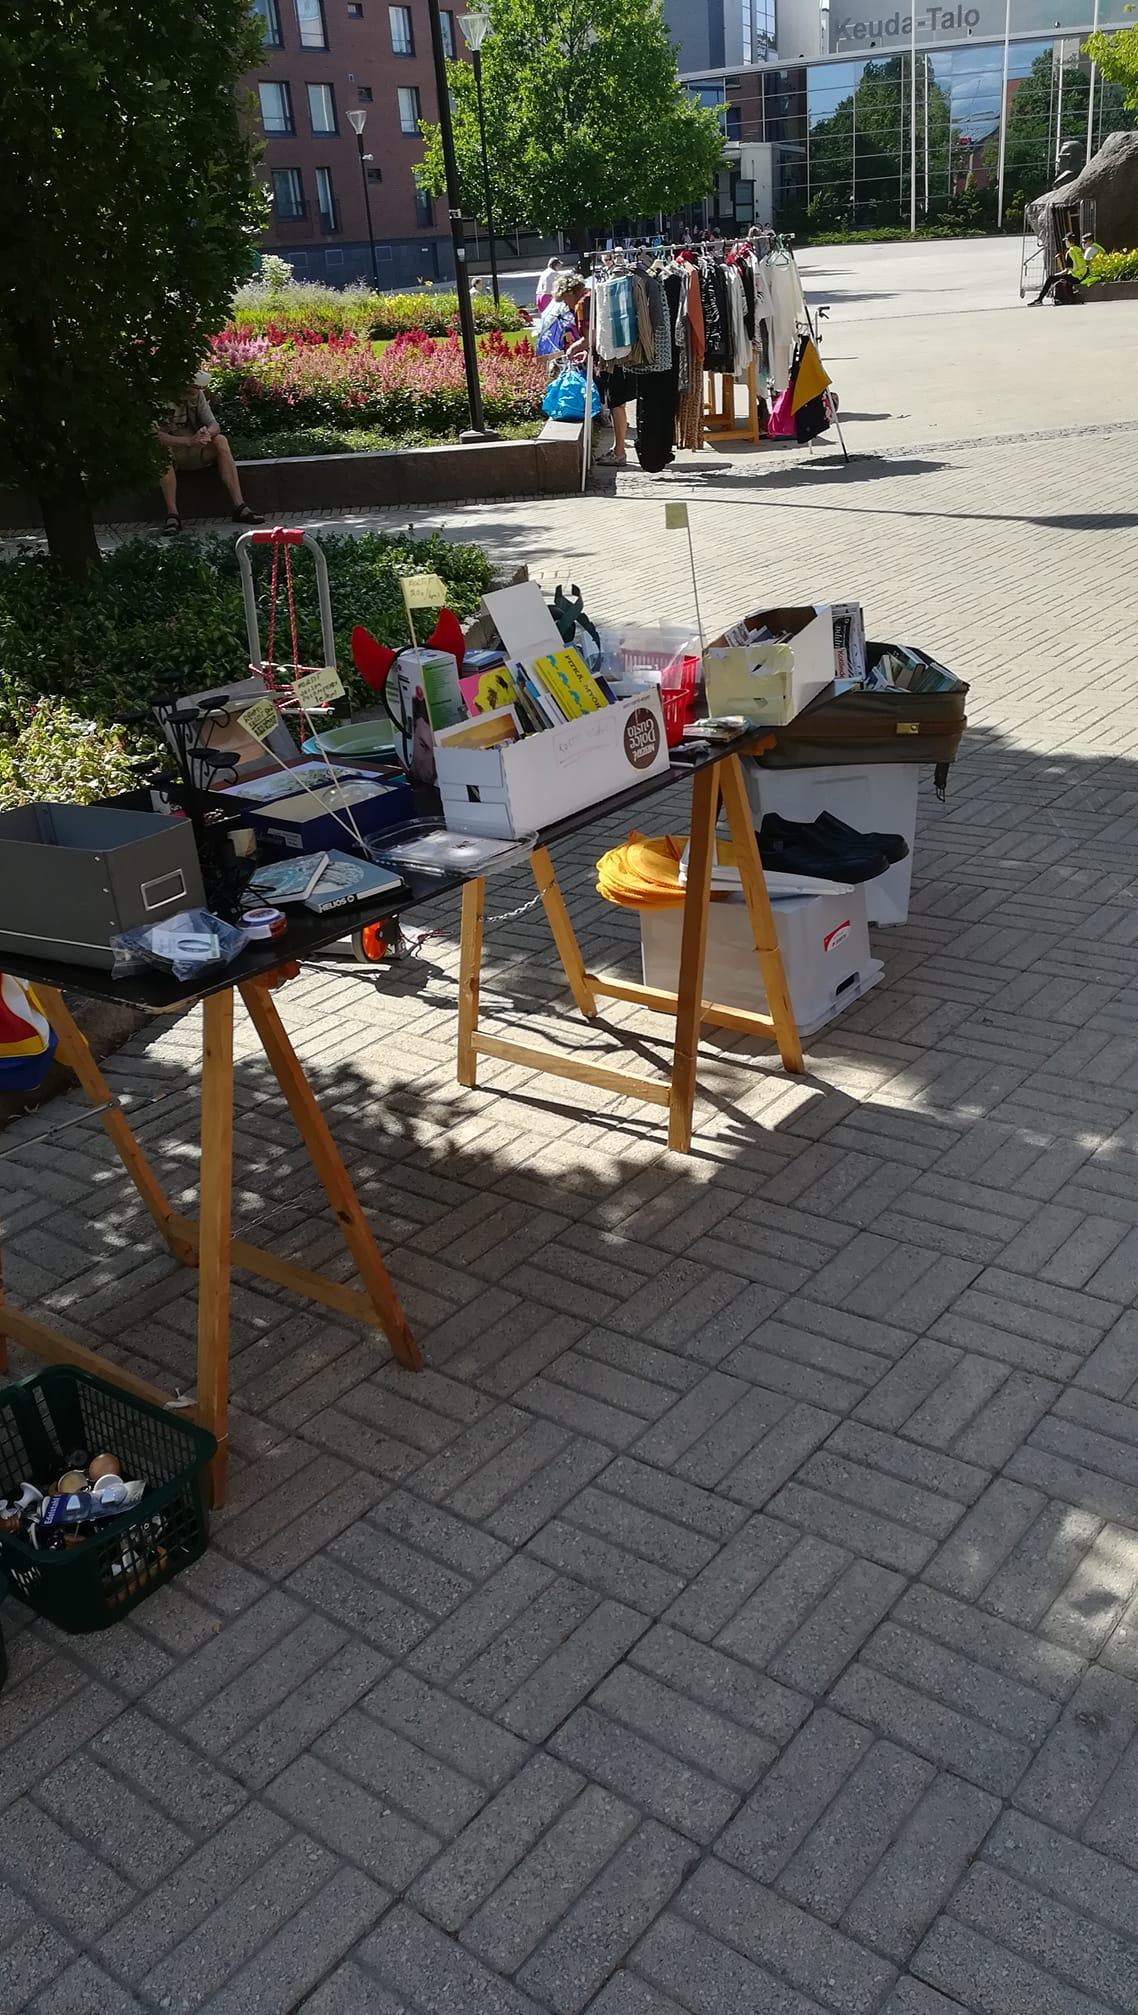 Pihakirpputori, jossa pöydällä ja rekillä vaatteita ja tavaraa.